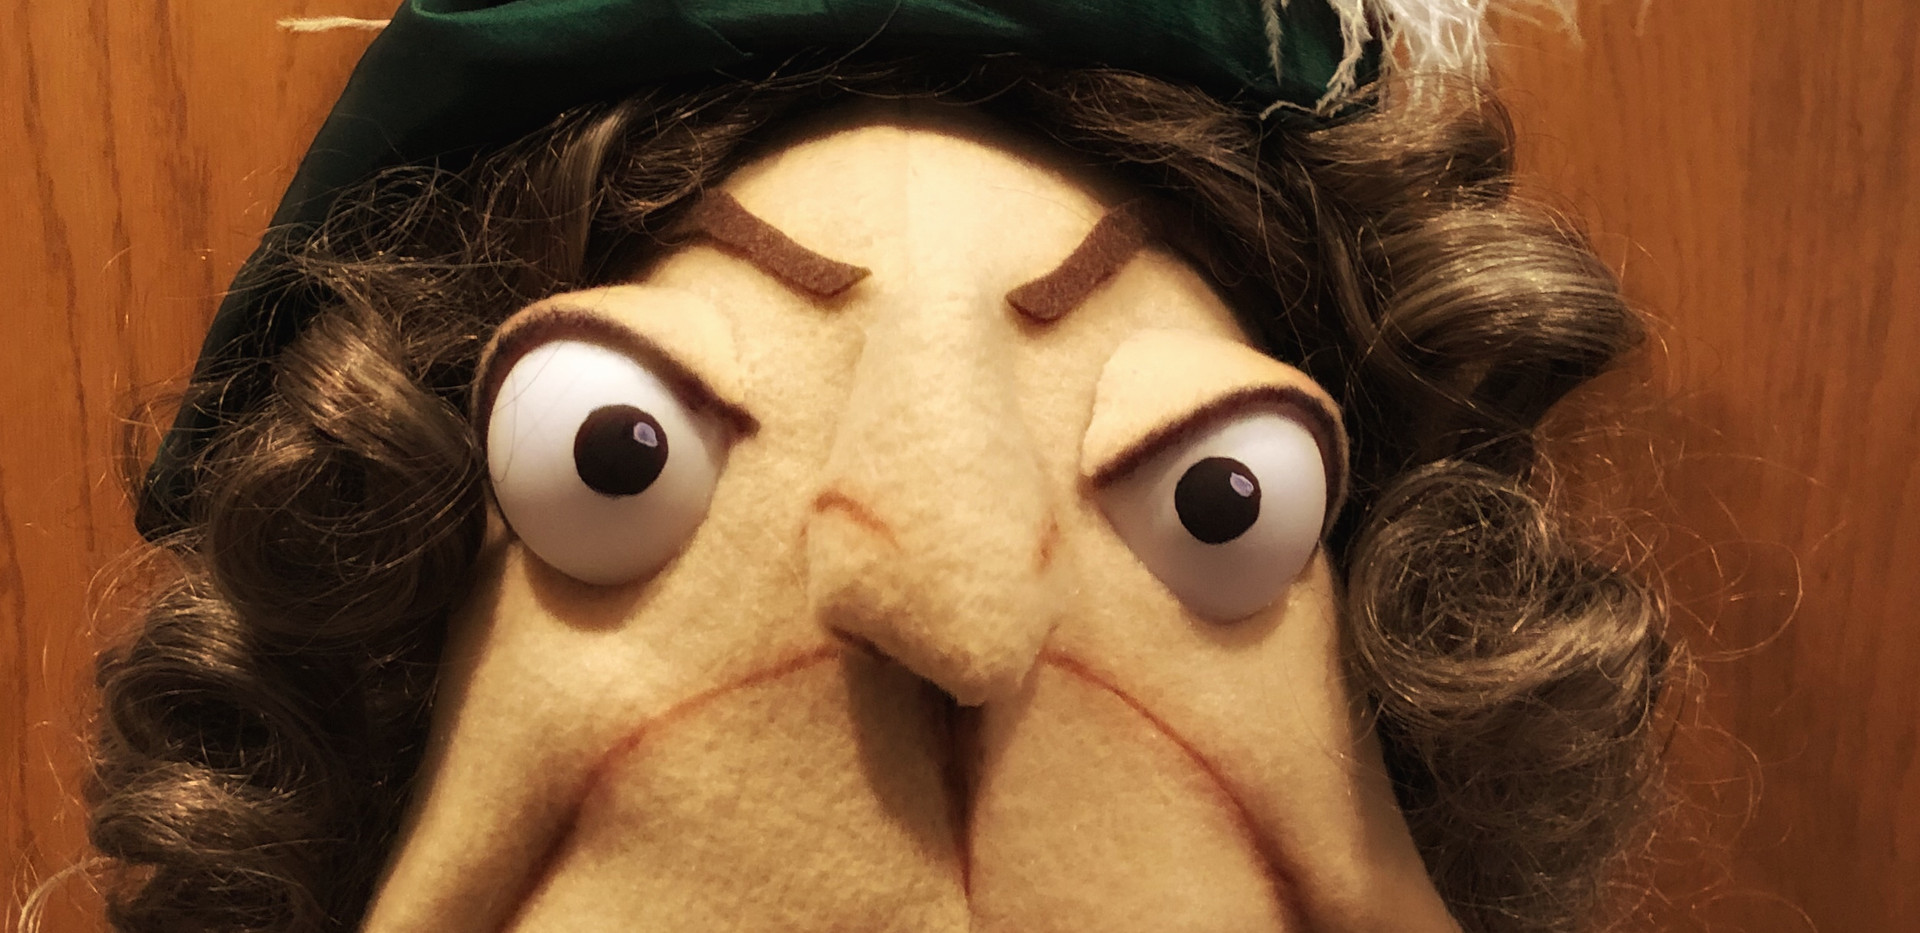 Cranky face